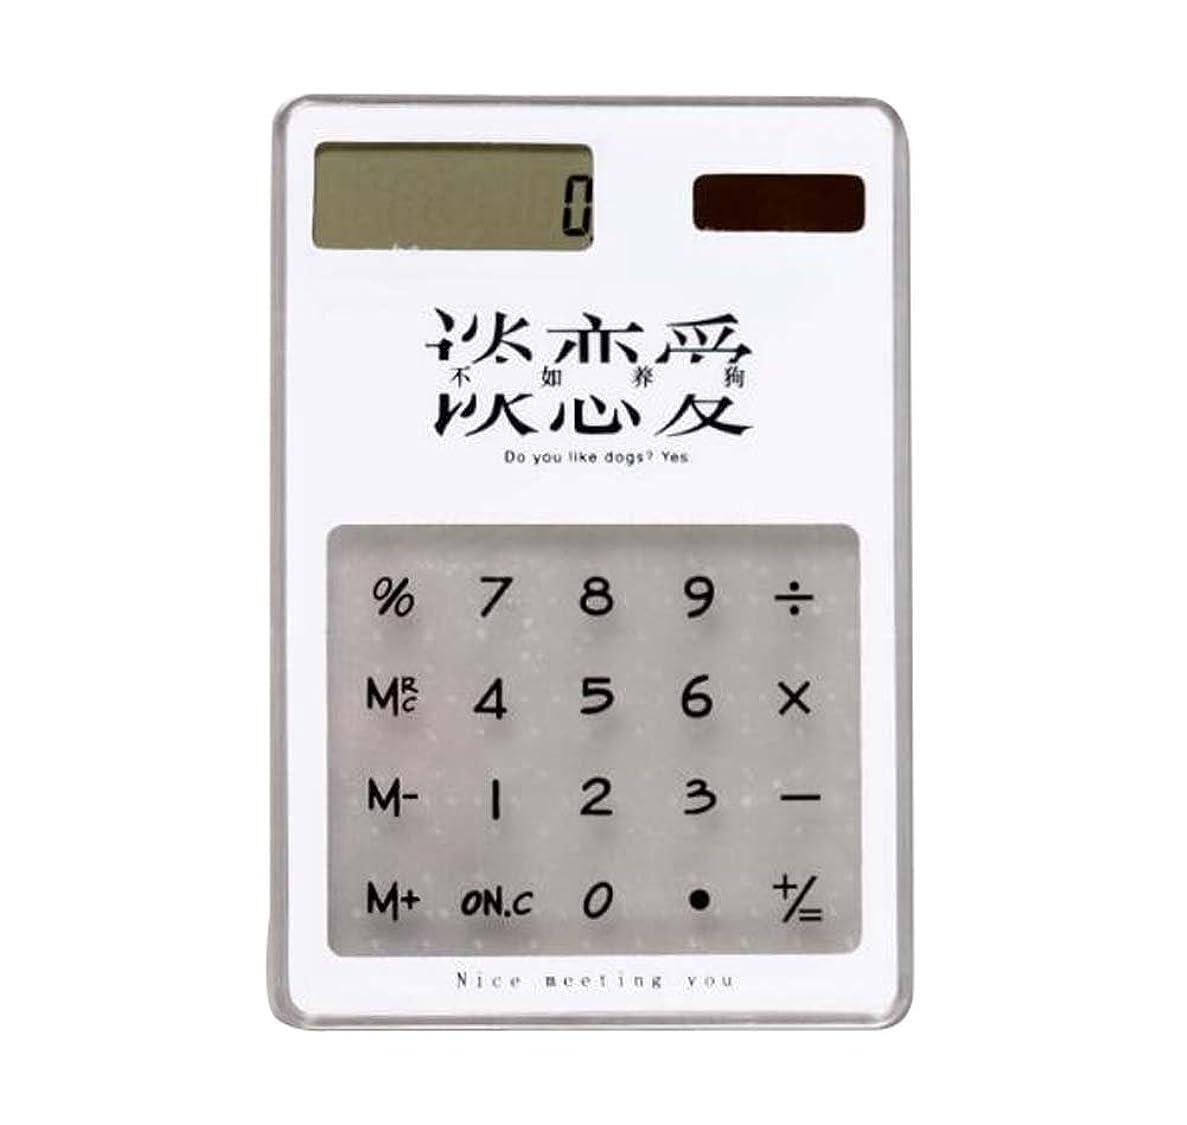 ルーチン散歩ビジュアル透明な小さな電卓ポータブルビジネス太陽エネルギーの電卓 - E2